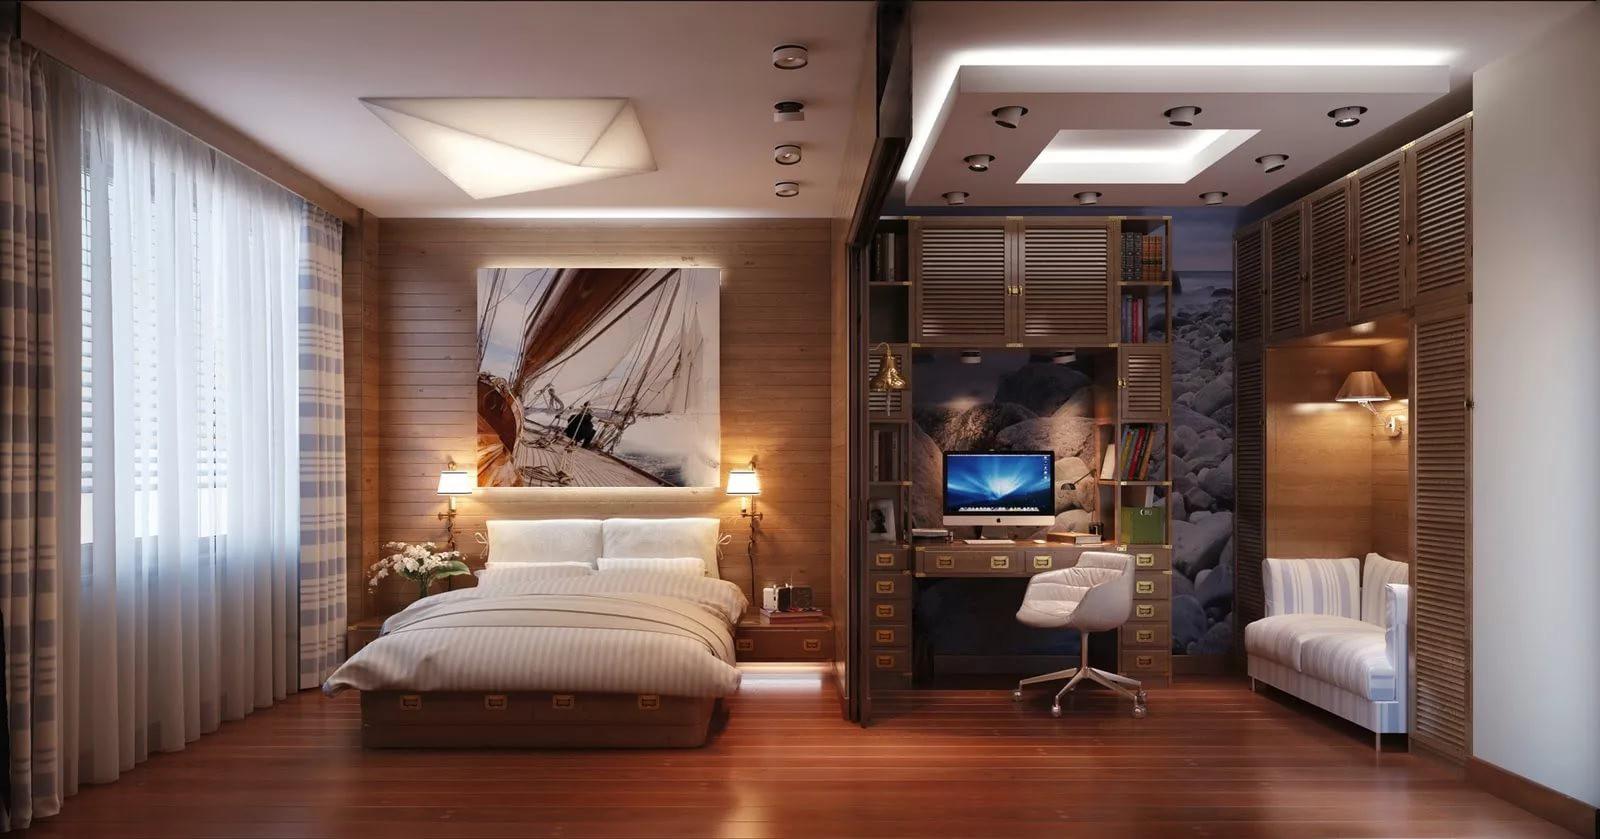 Выделение рабочей зоны в спальне